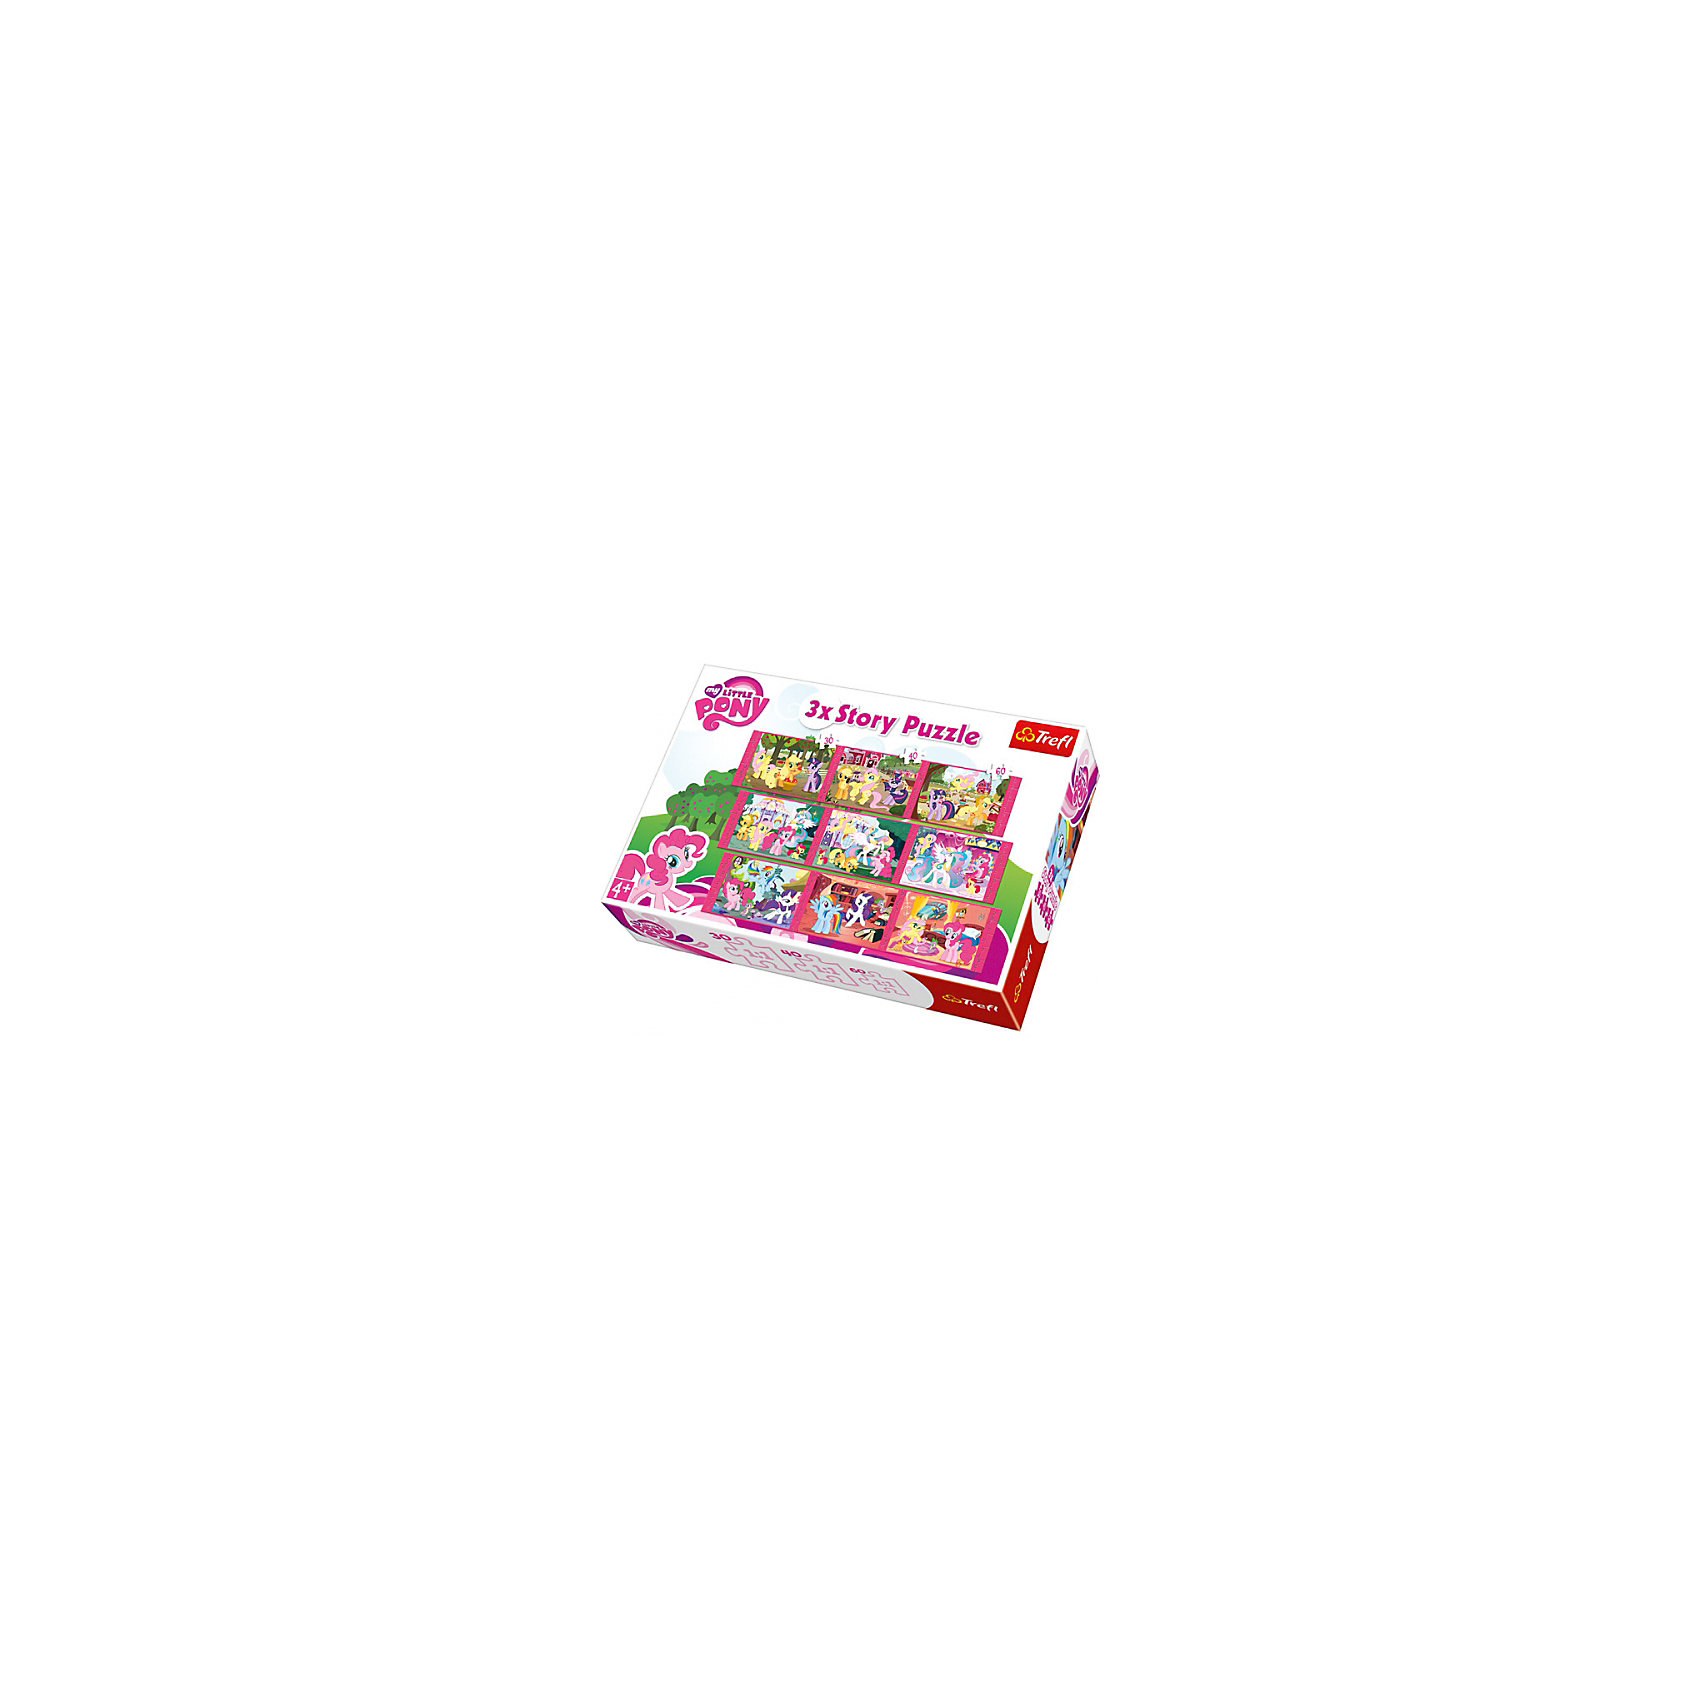 Набор пазлов 9 в 1 Моя маленькая Пони, TreflПазлы для малышей<br>Характеристики товара:<br><br>• возраст от 4 лет;<br>• материал: картон;<br>• в наборе: 1 пазл на 20 деталей, 1 пазл на 36 деталей, 1 пазл на 50 деталей;<br>• размер упаковки 26,6х39,8х9 см;<br>• вес упаковки 1,95 кг;<br>• страна производитель Польша.<br><br>Набор пазлов 9 в 1 «Моя маленькая пони» Trefl создан по мотивам известного мультфильма «My Little Pony». В наборе 9 пазлов о приключениях любимых персонажей. Собирая пазл, у ребенка развиваются логическое мышление, внимательность к деталям, усидчивость. Все элементы выполнены из качественных материалов со специальным стойким покрытием.<br><br>Набор пазлов 9 в 1 «Моя маленькая пони» Trefl можно приобрести в нашем интернет-магазине.<br><br>Ширина мм: 266<br>Глубина мм: 398<br>Высота мм: 90<br>Вес г: 1950<br>Возраст от месяцев: 48<br>Возраст до месяцев: 2147483647<br>Пол: Женский<br>Возраст: Детский<br>SKU: 5578456